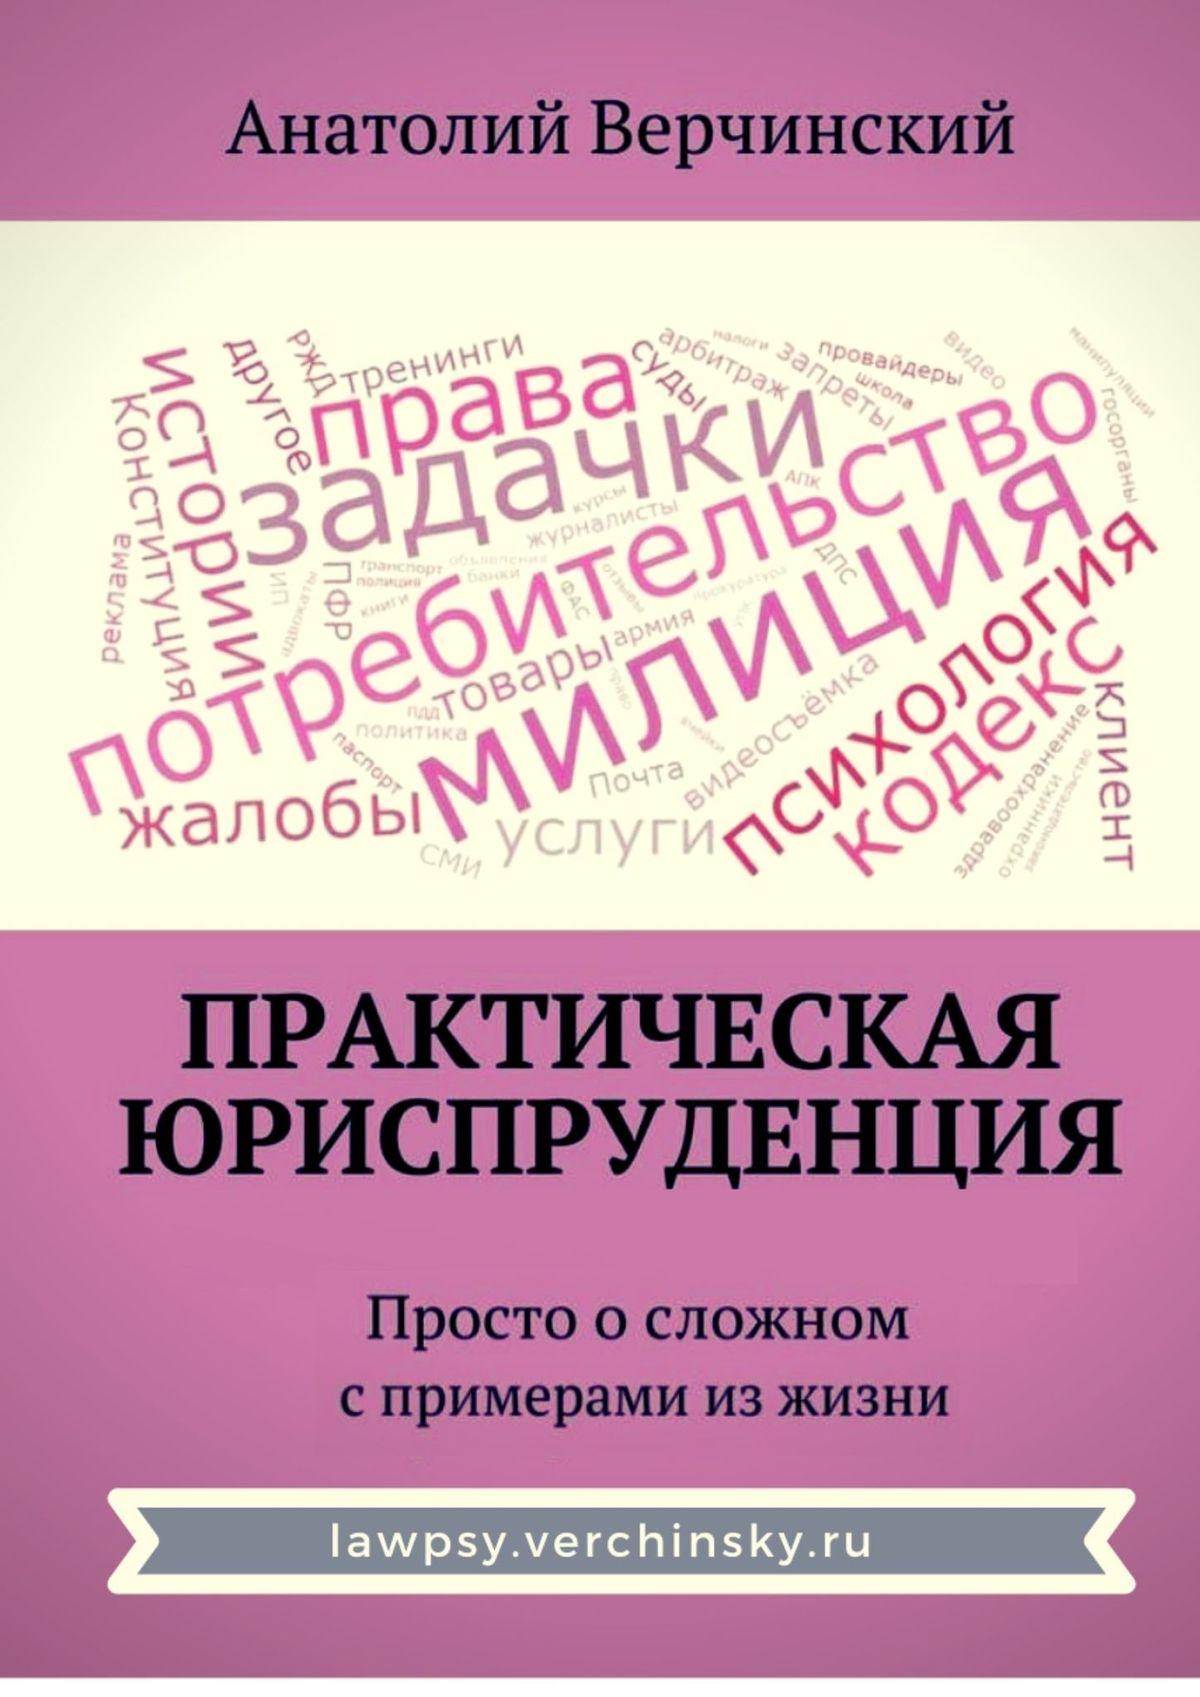 Анатолий Верчинский Практическая юриспруденция ипсихология. Просто осложном спримерами изжизни анатолий верчинский моя война с